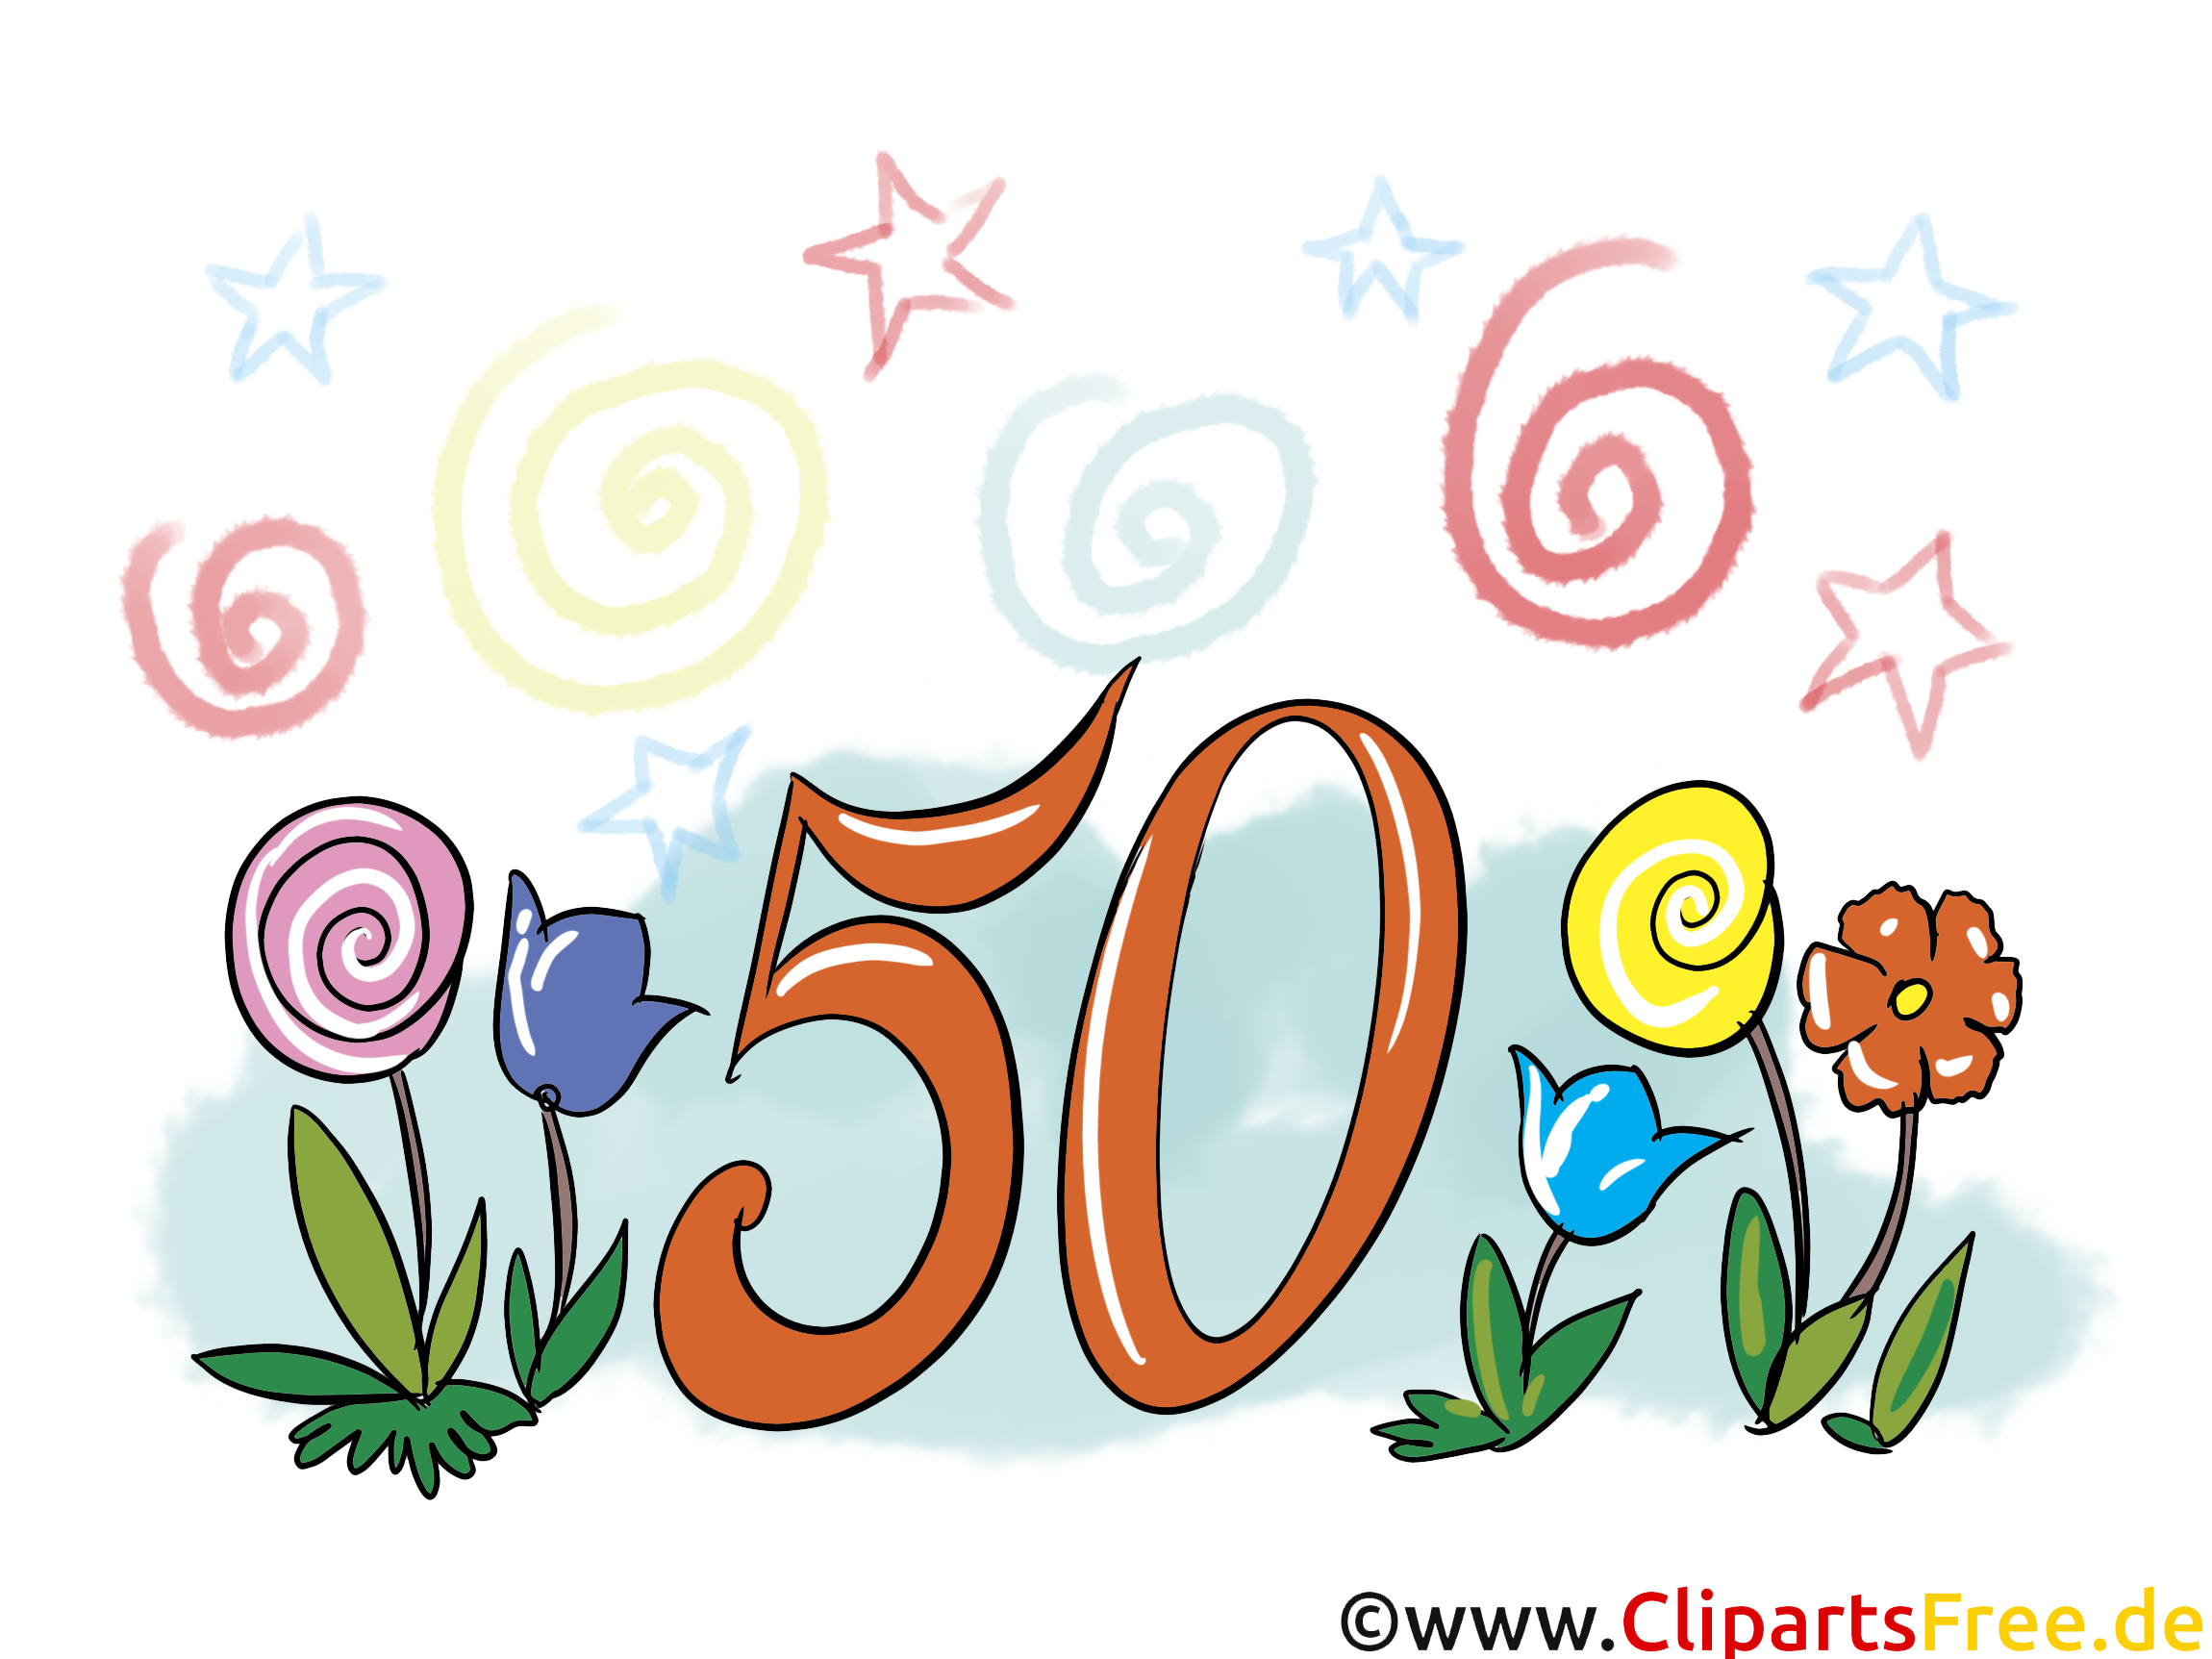 Fleurs 50 ans clip art gratuit anniversaire images for 20 images